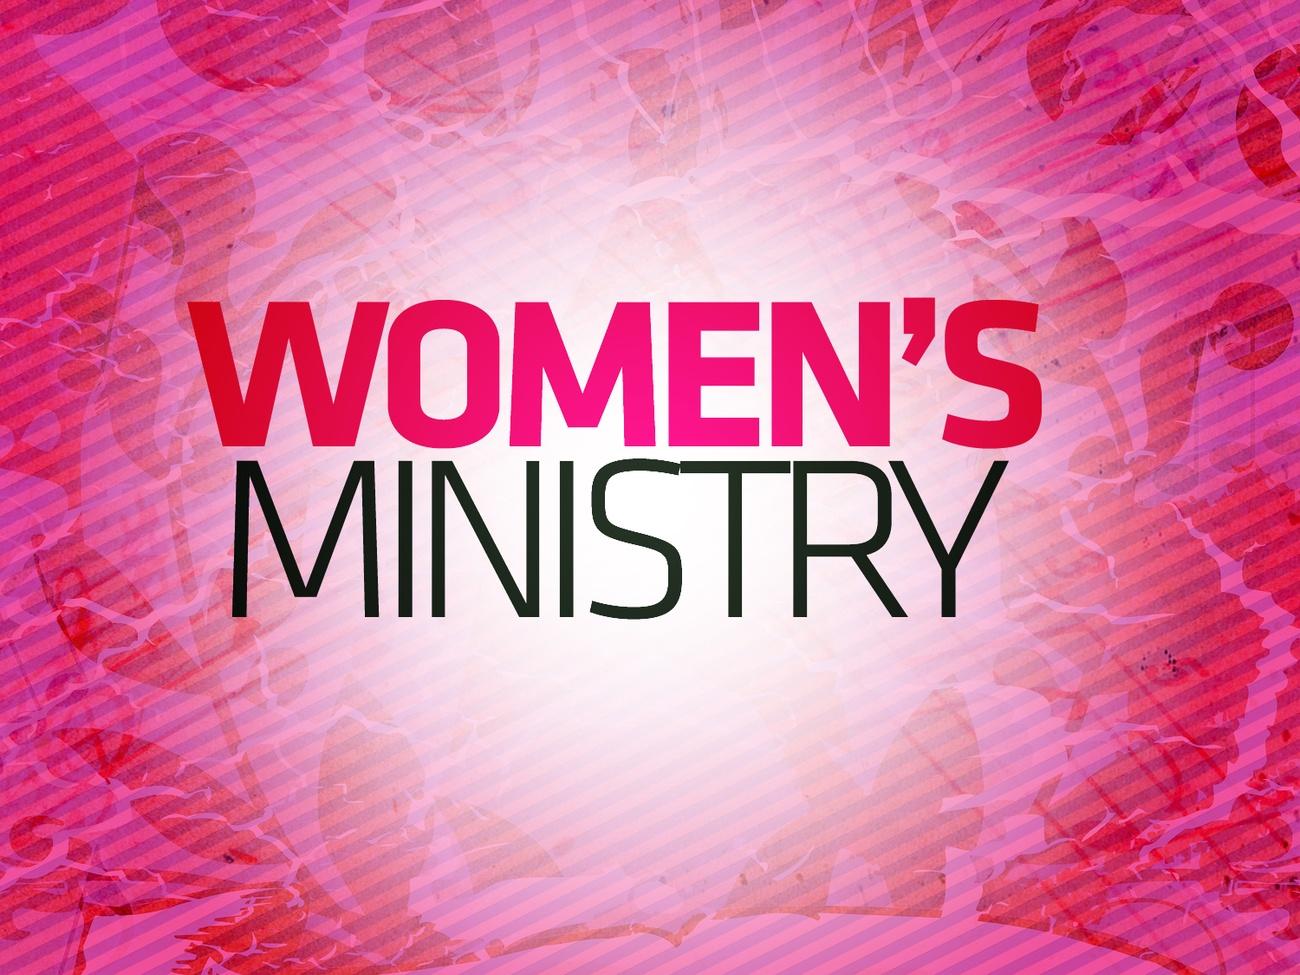 Womens ministry original